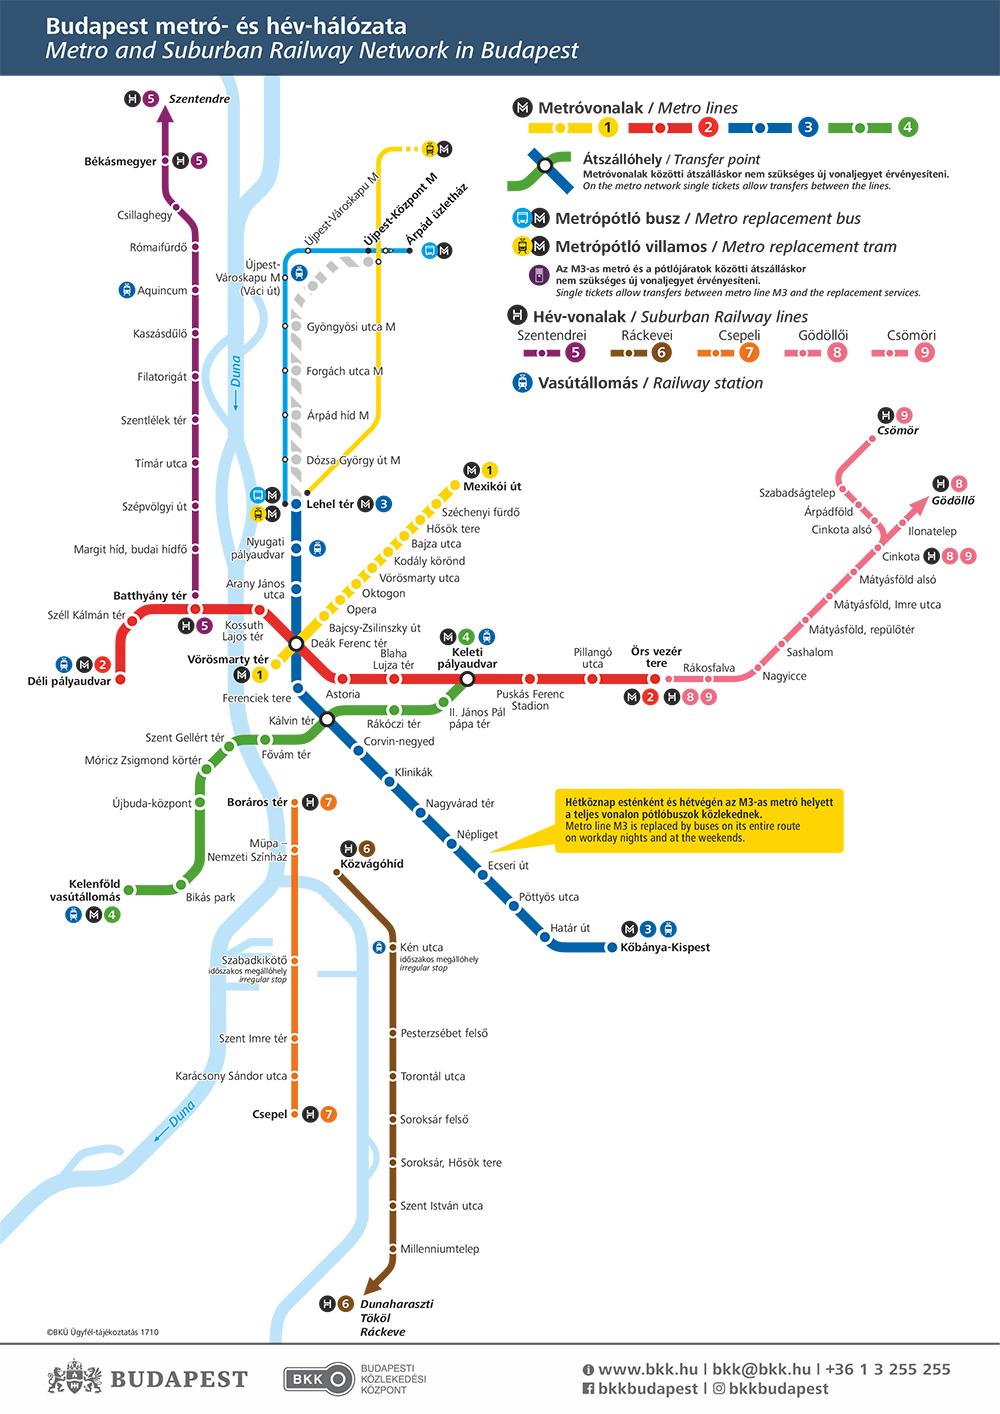 Метро Будапешта. Карта - схема.